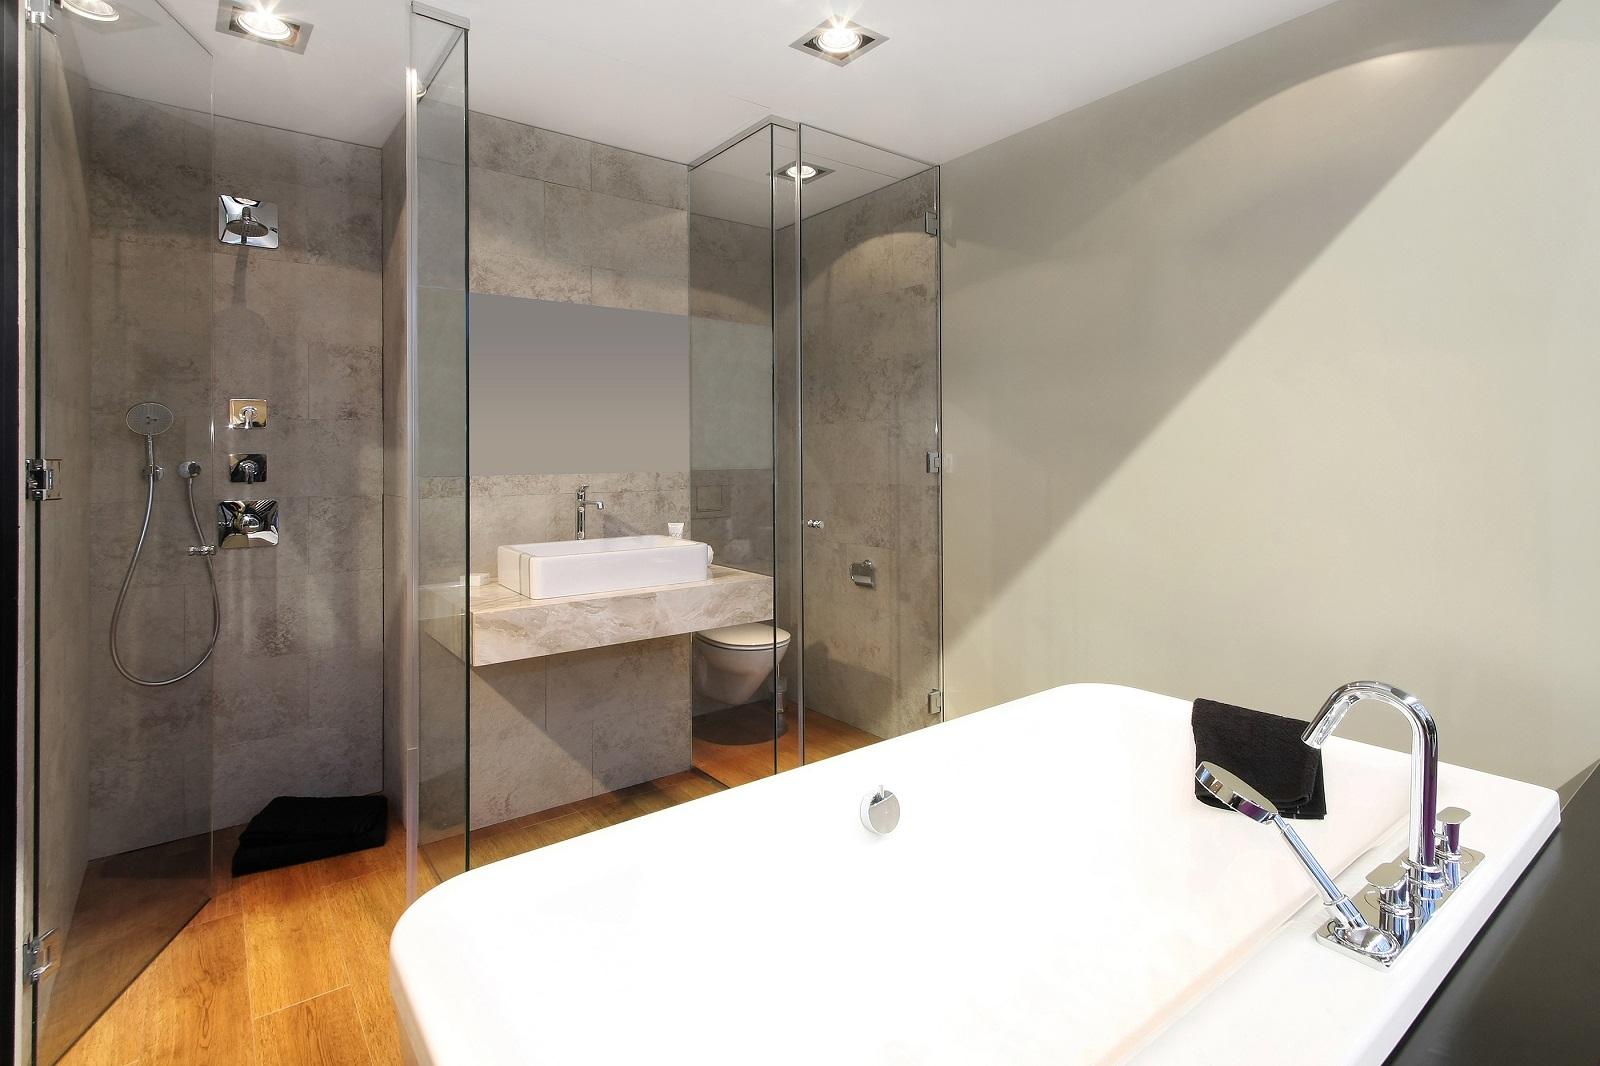 bathroom glass door vs shower curtain